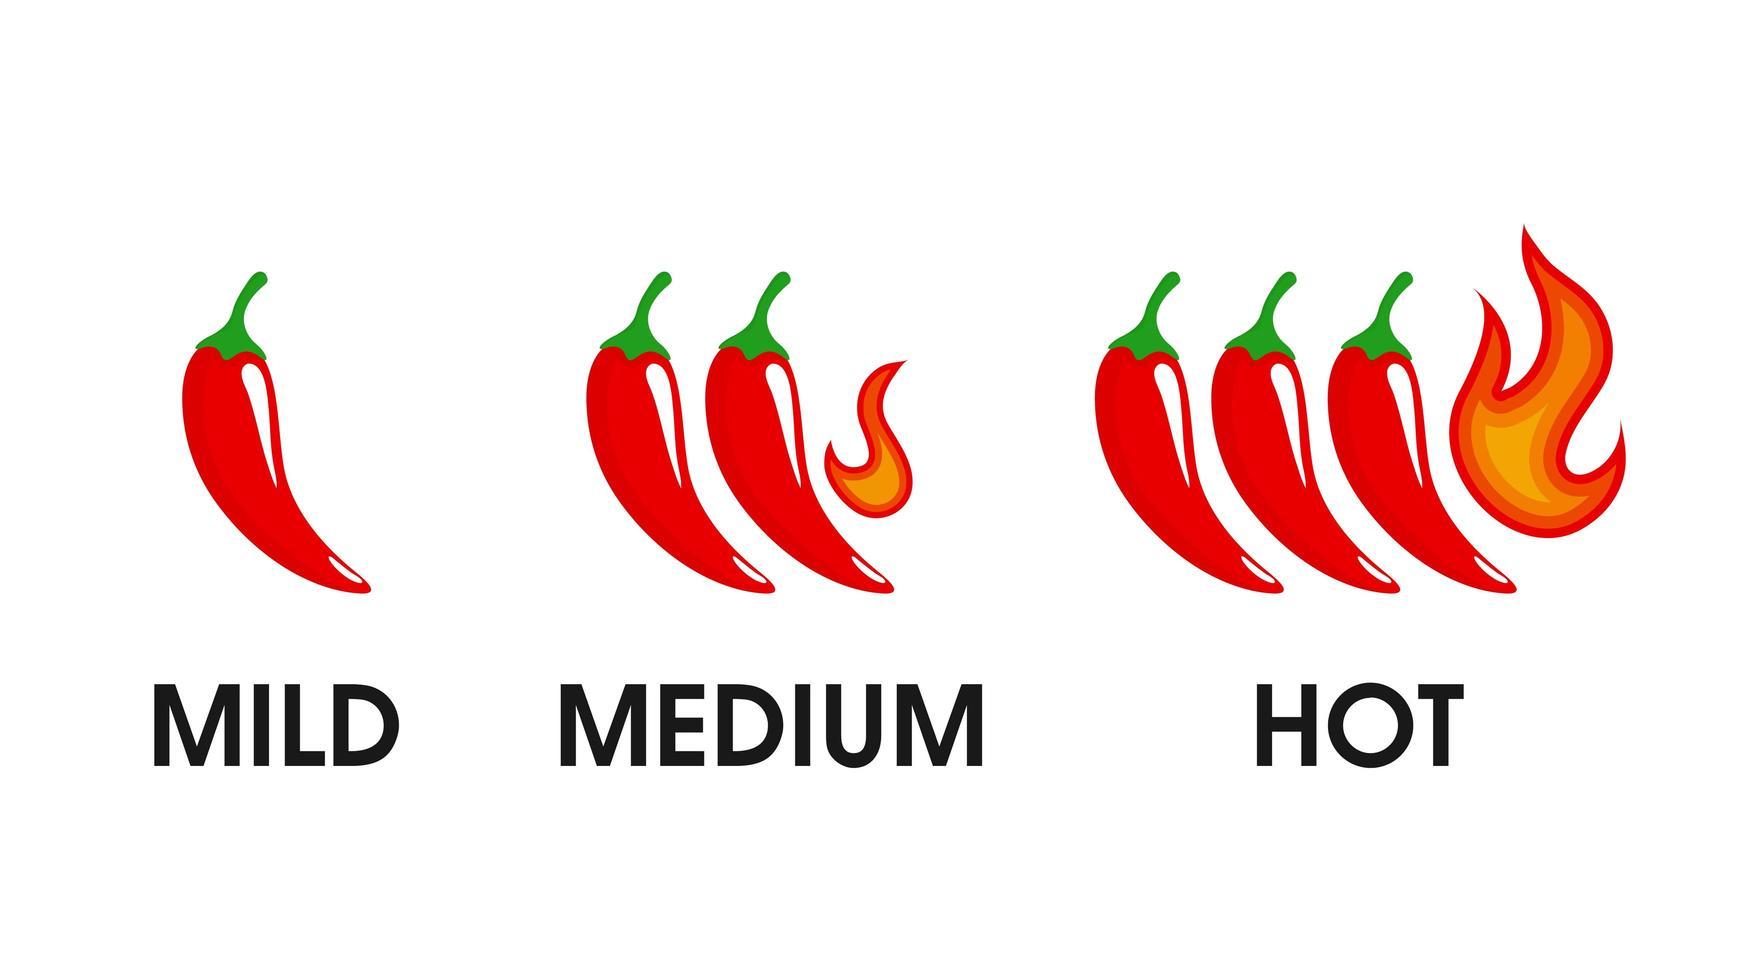 icône chaude et épicée vecteur